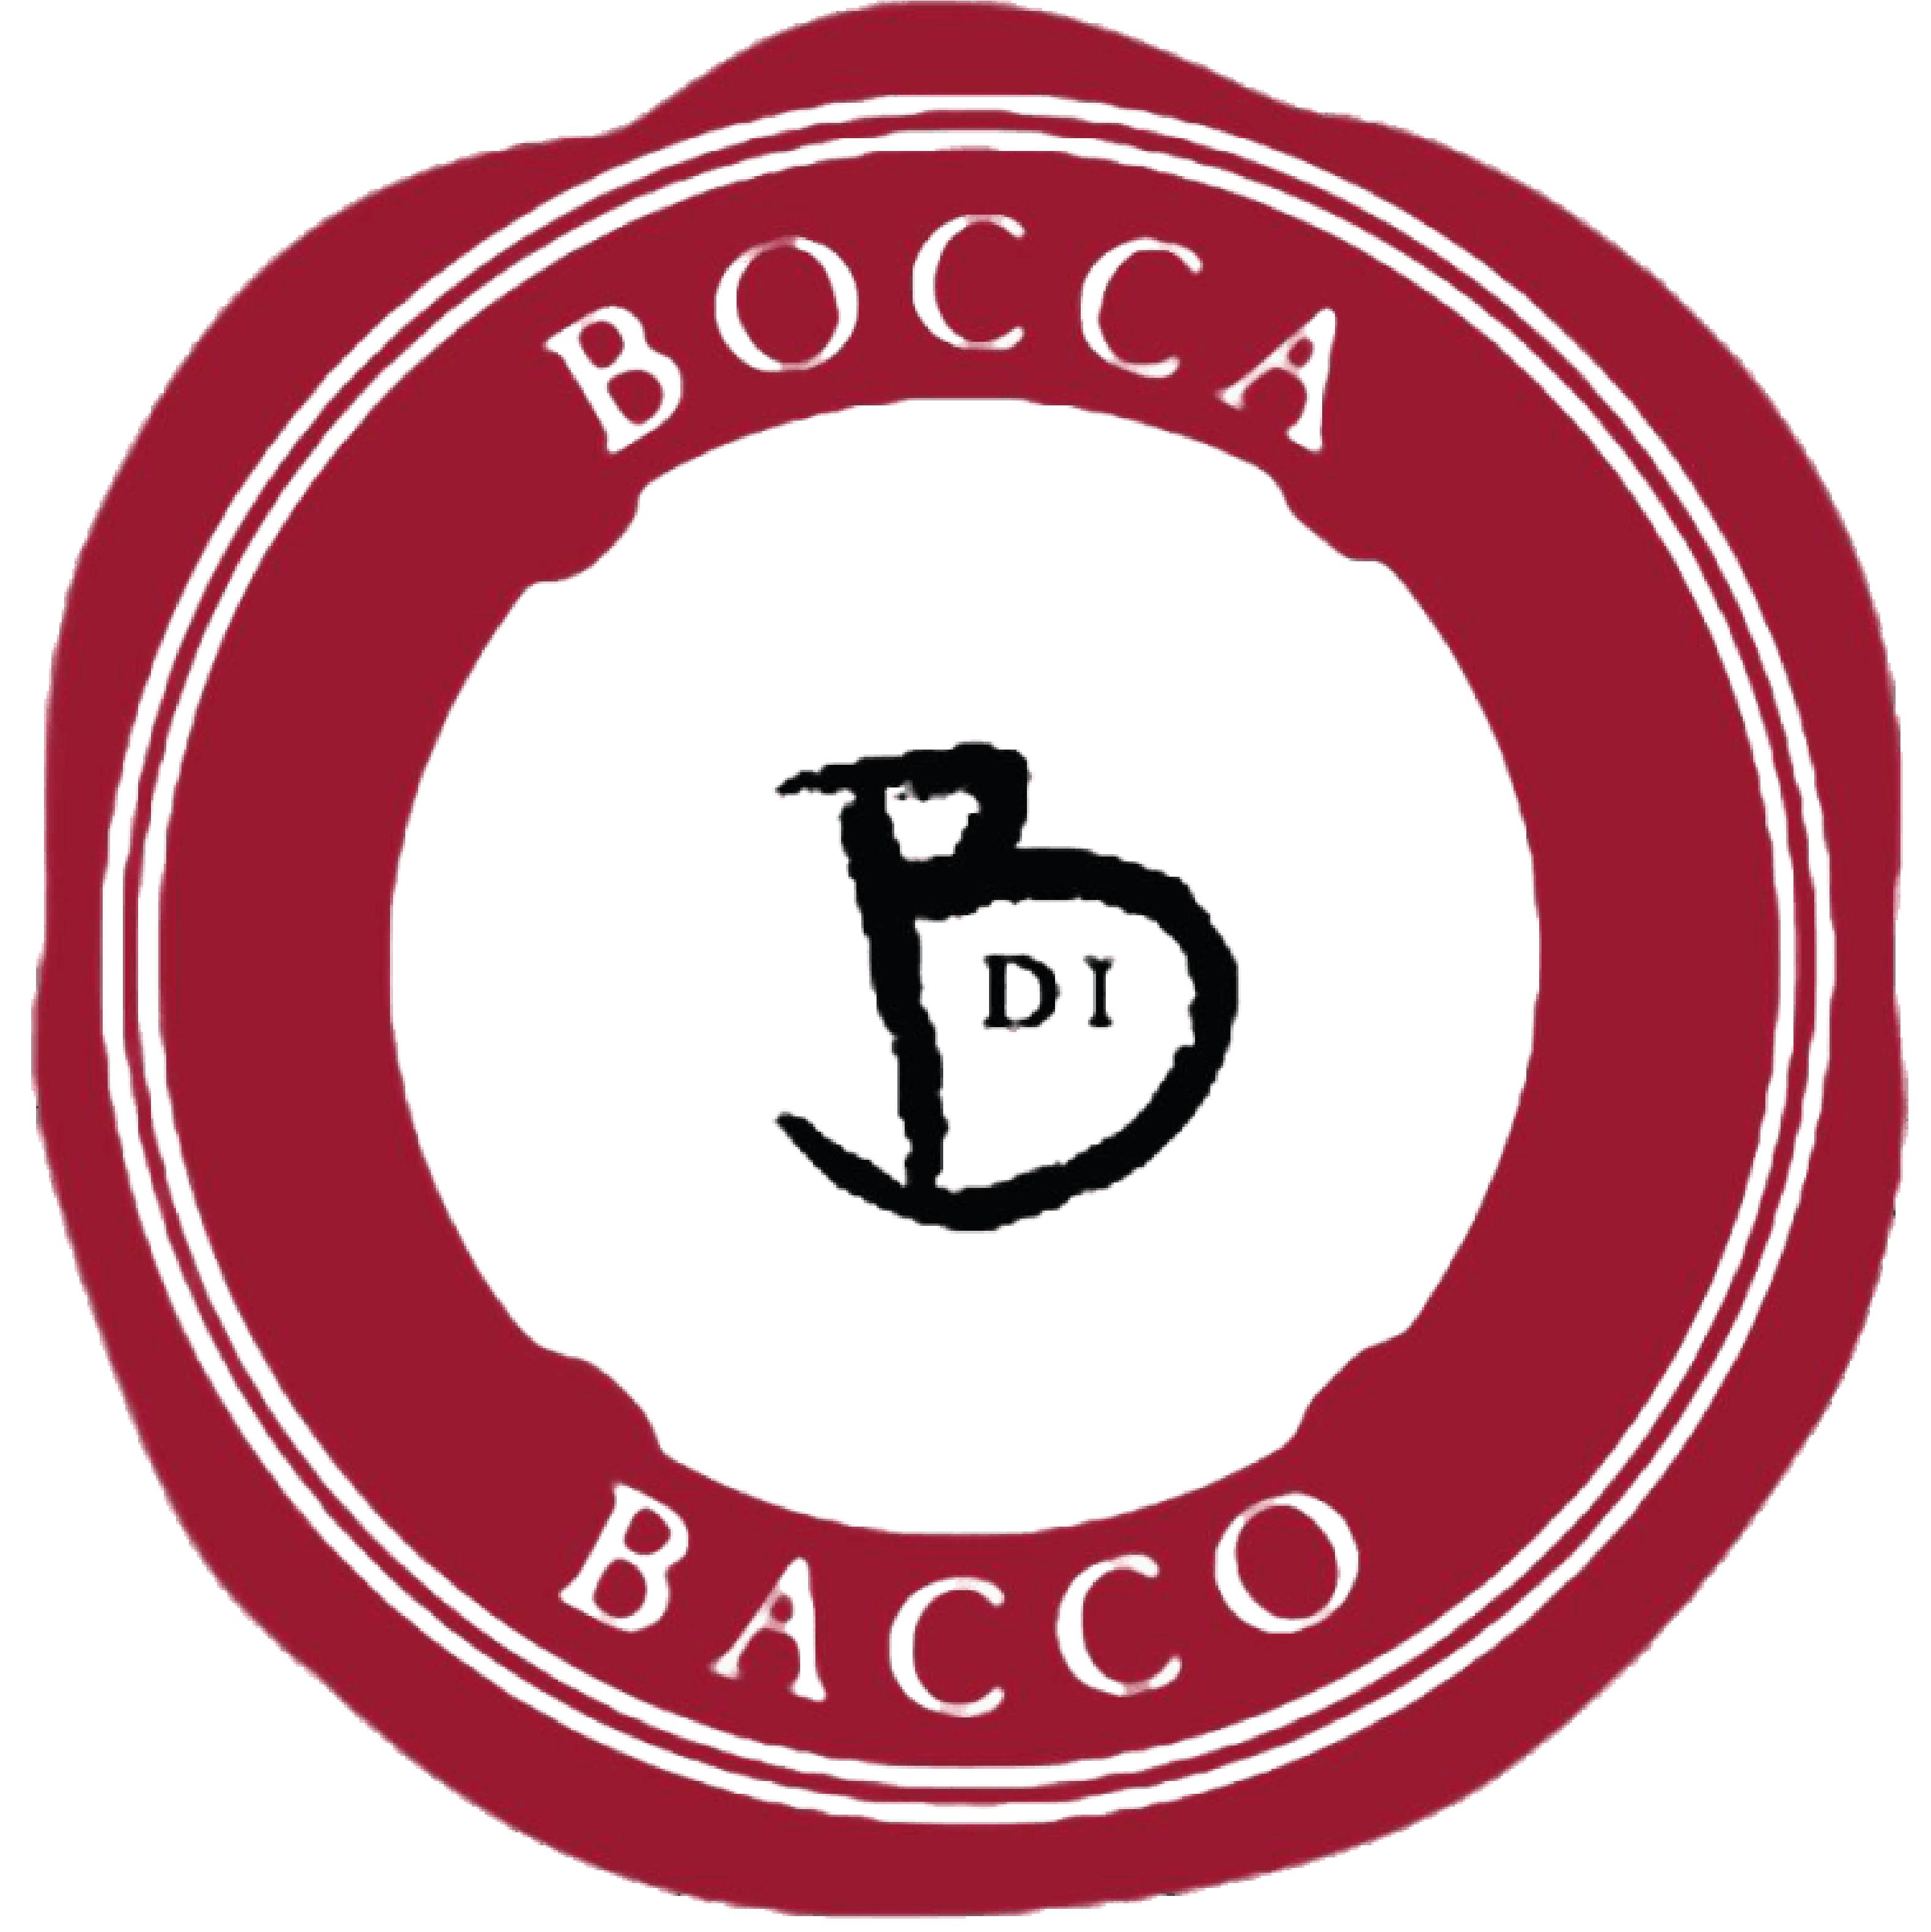 Bocca di Bacco Home